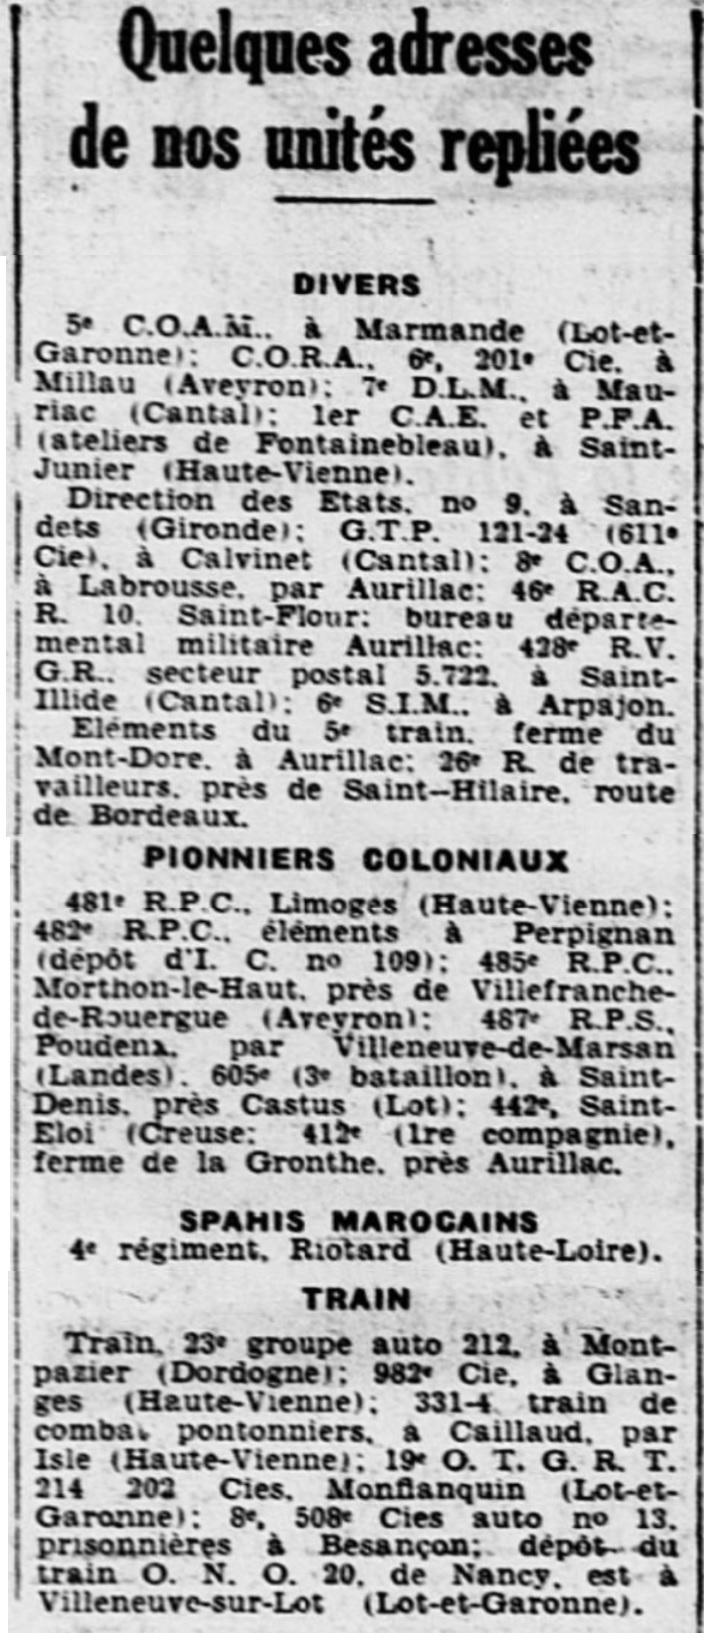 Liste des centres de repli des unités françaises 19400820